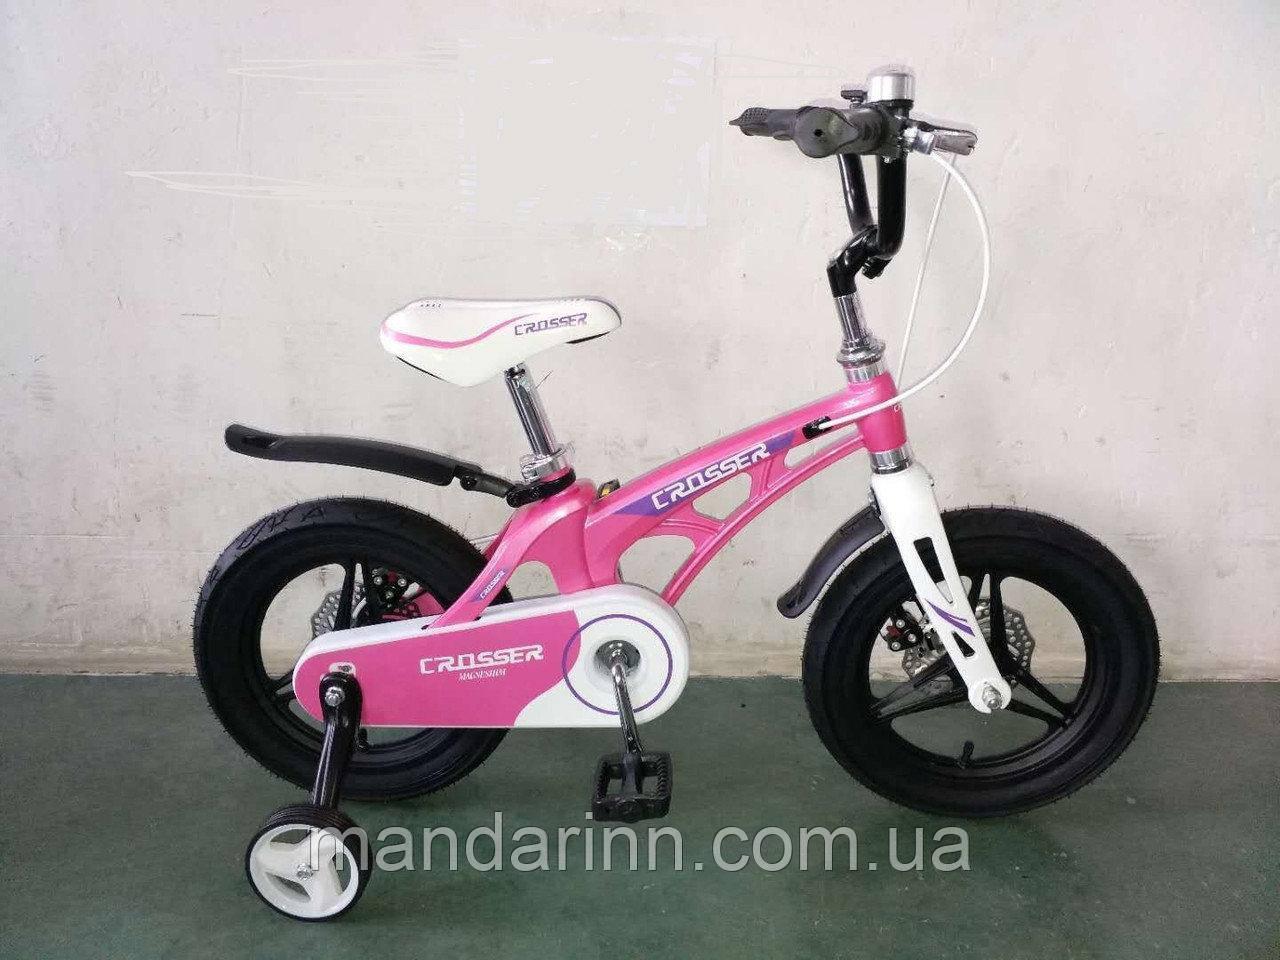 """Детский Велосипед """"Crosser-18"""" Розовый. Суперлегкий. Магнезиум сплав."""